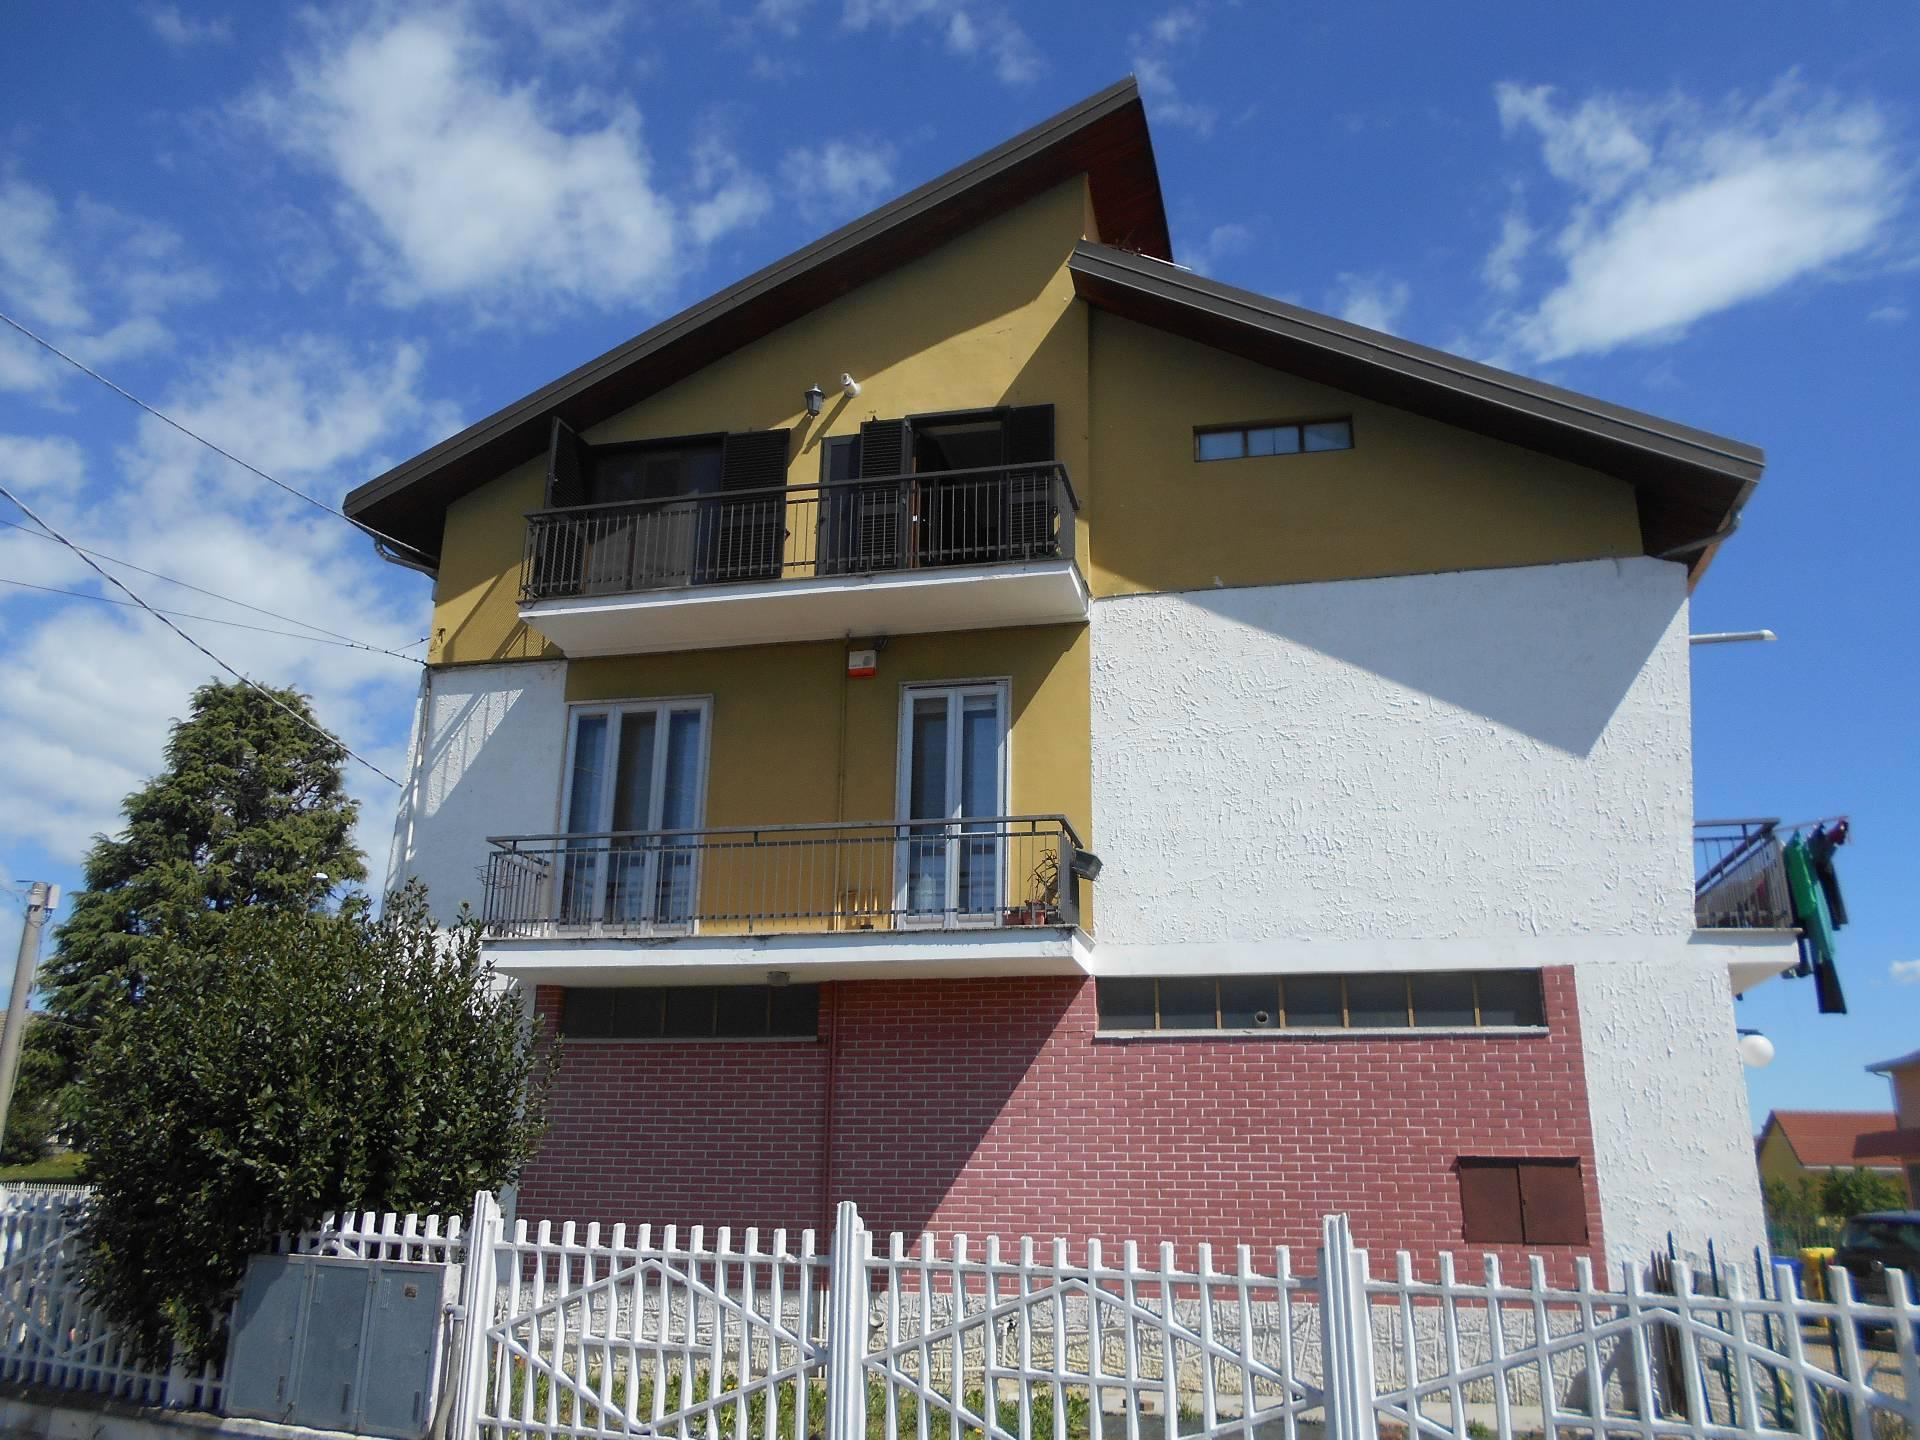 Appartamento in vendita a San Francesco al Campo, 4 locali, zona Località: Tranquilla, prezzo € 99.000 | PortaleAgenzieImmobiliari.it